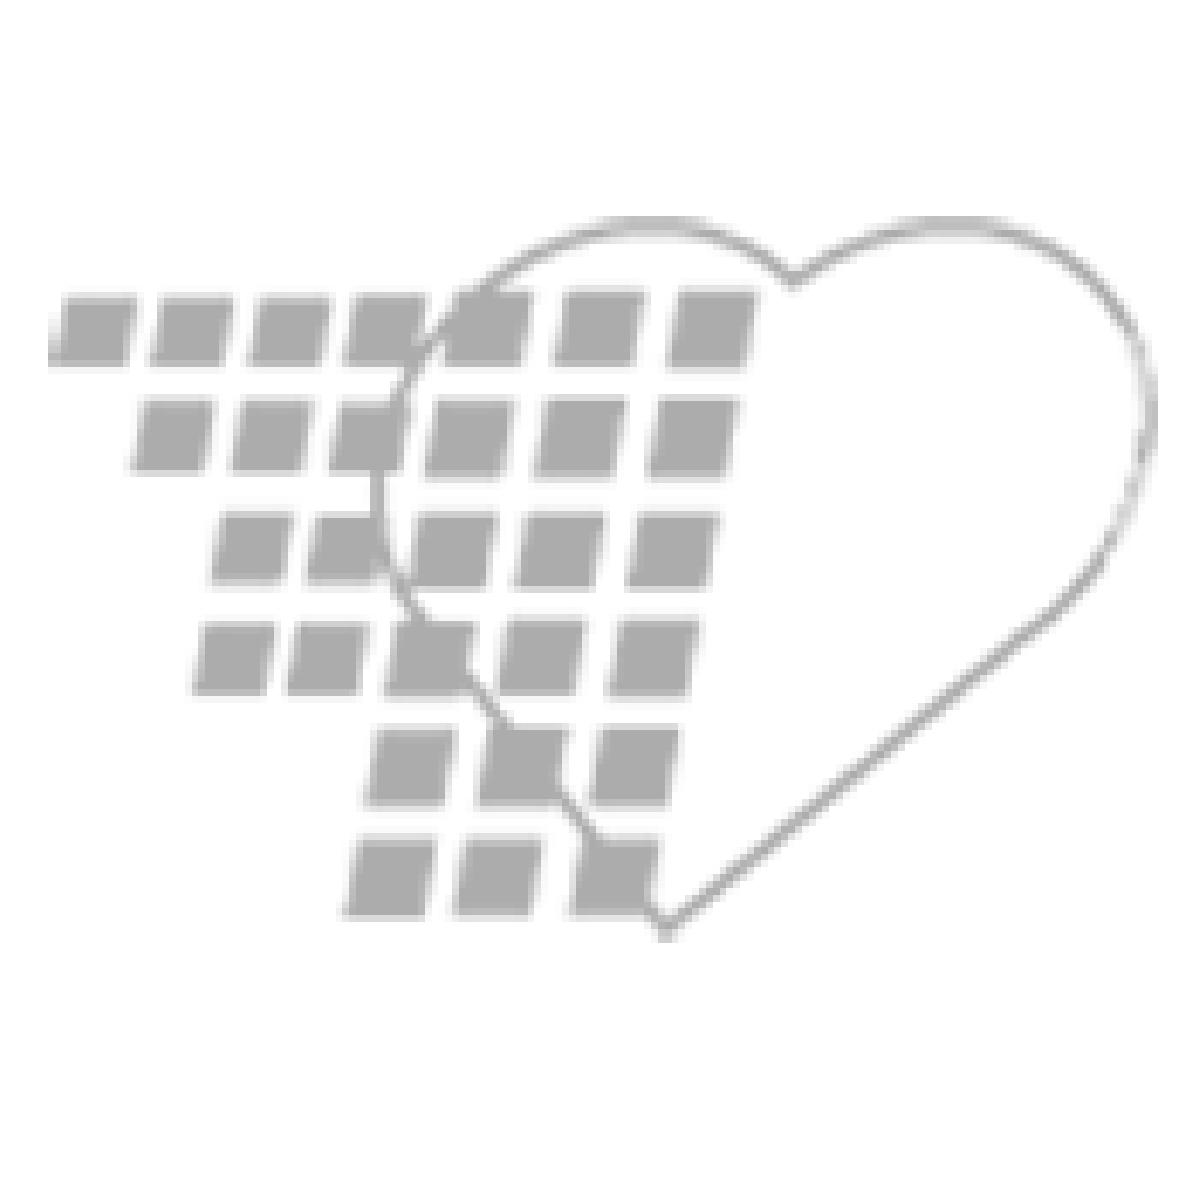 08-02-1424-1GAL - Povidone Iodine Scrub Solution - Gallon